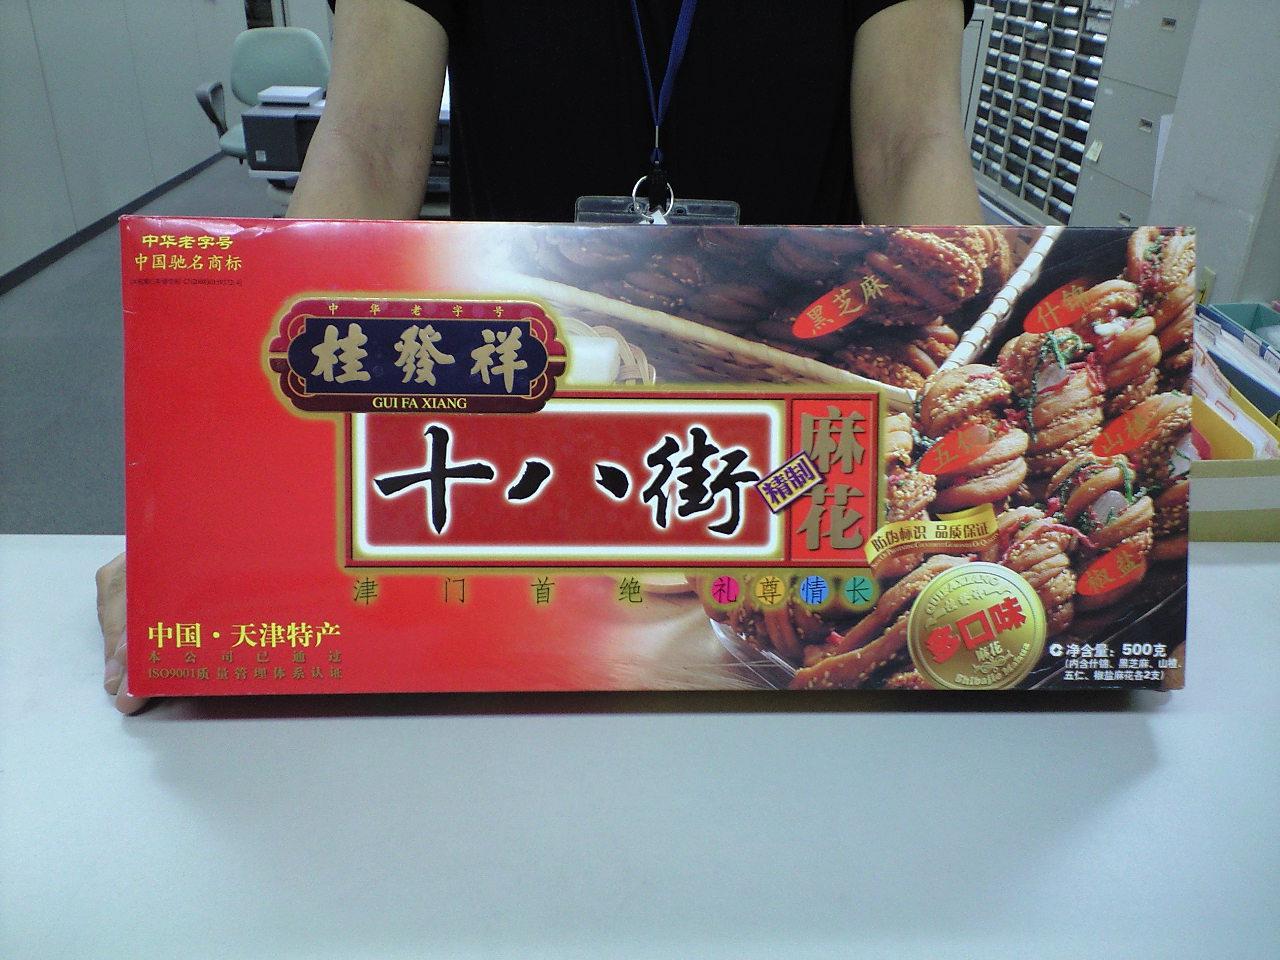 中国土産.JPG